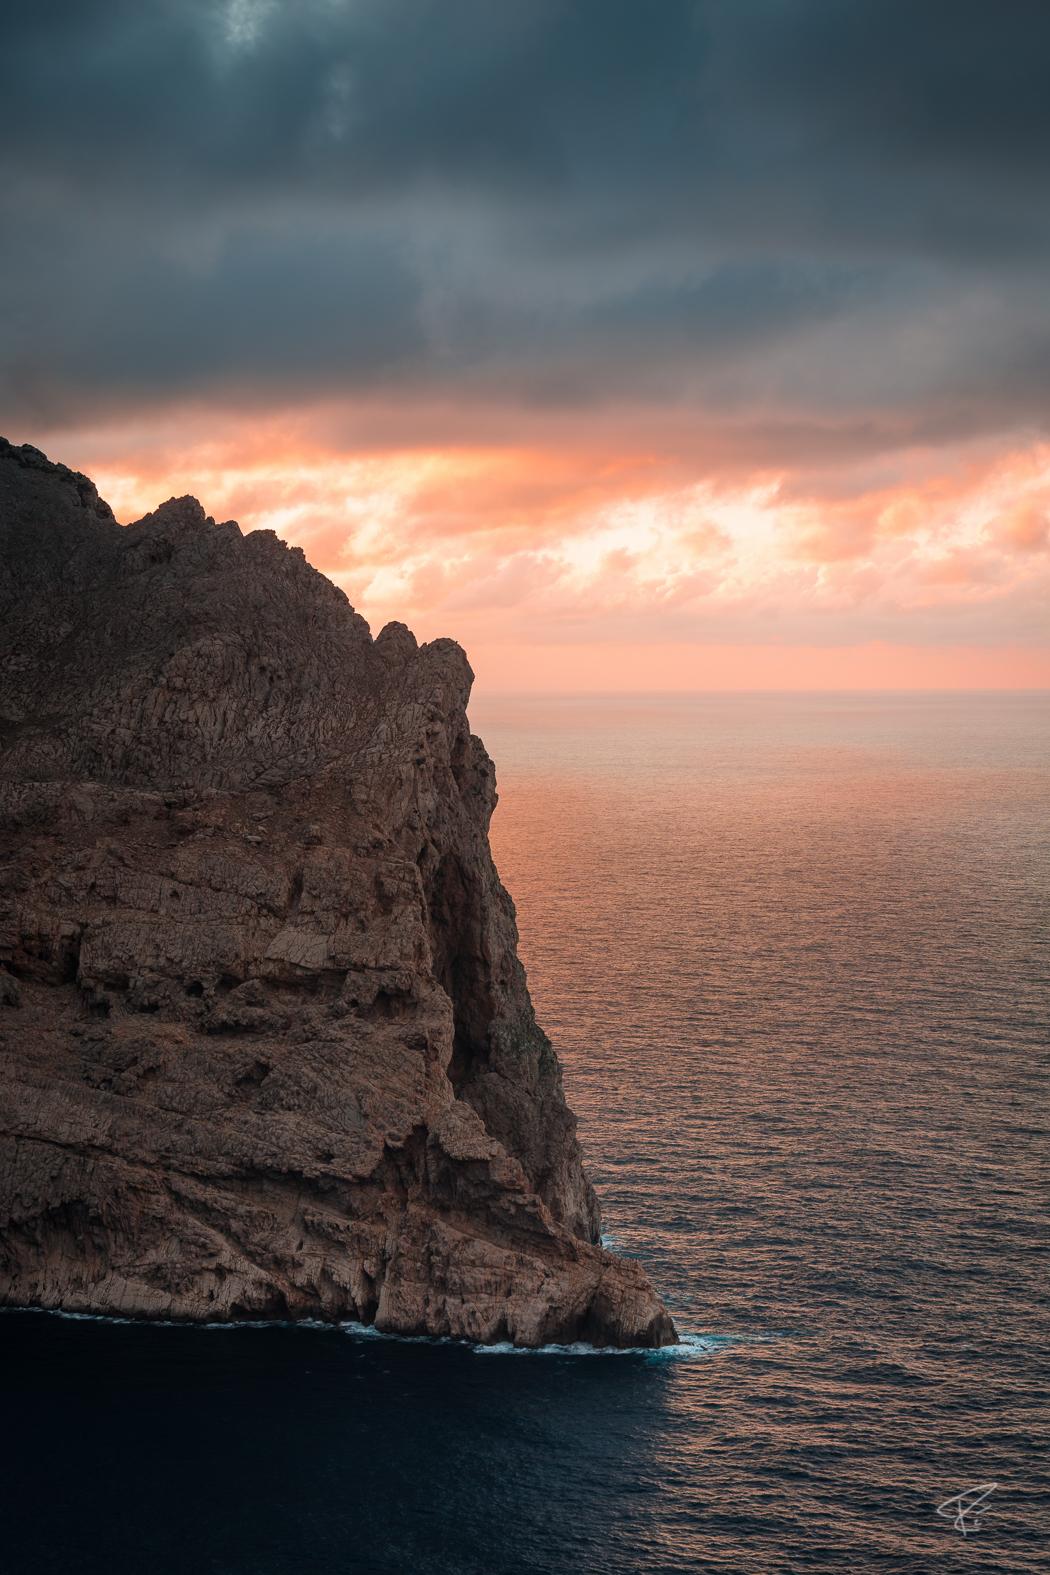 Mallorca Cap Formentor sunset Tramuntana ocean cliffs Spain